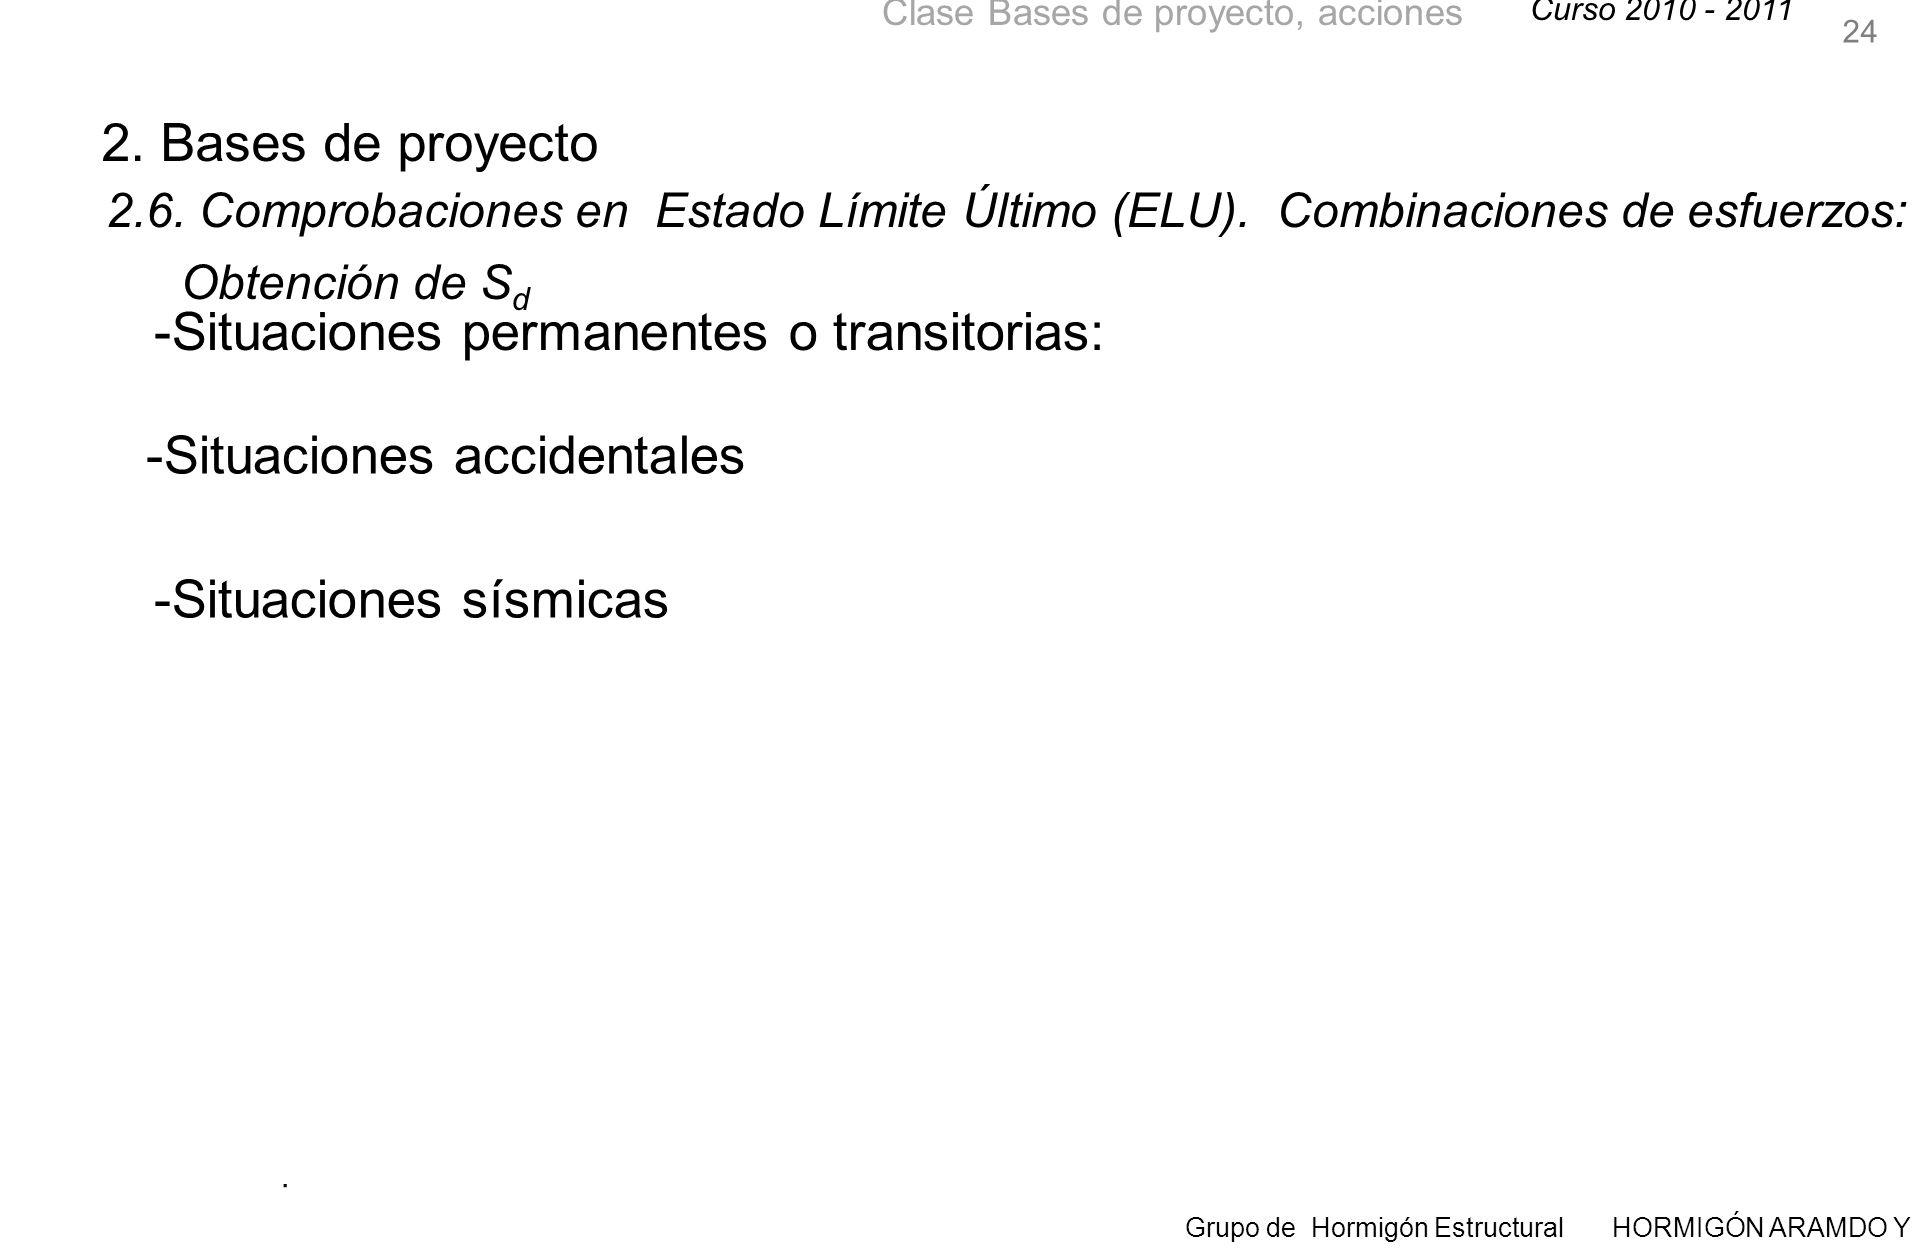 Curso 2010 - 2011 Grupo de Hormigón Estructural HORMIGÓN ARAMDO Y PRETENSADO II Clase Bases de proyecto, acciones 24 2.6.